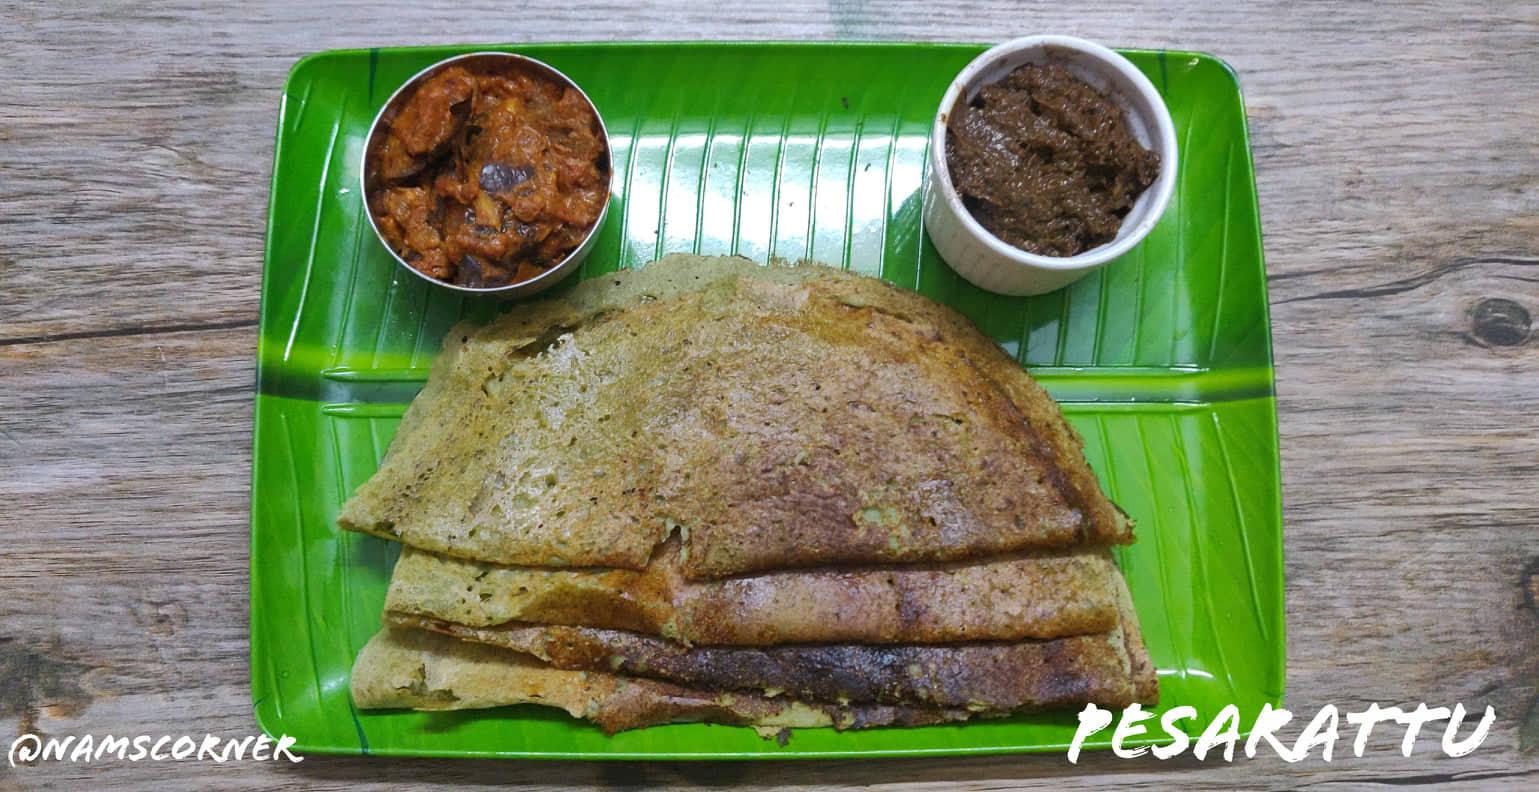 Pesarattu Recipe | Andhra Pesarattu Recipe | Green Gram Dal Dosa